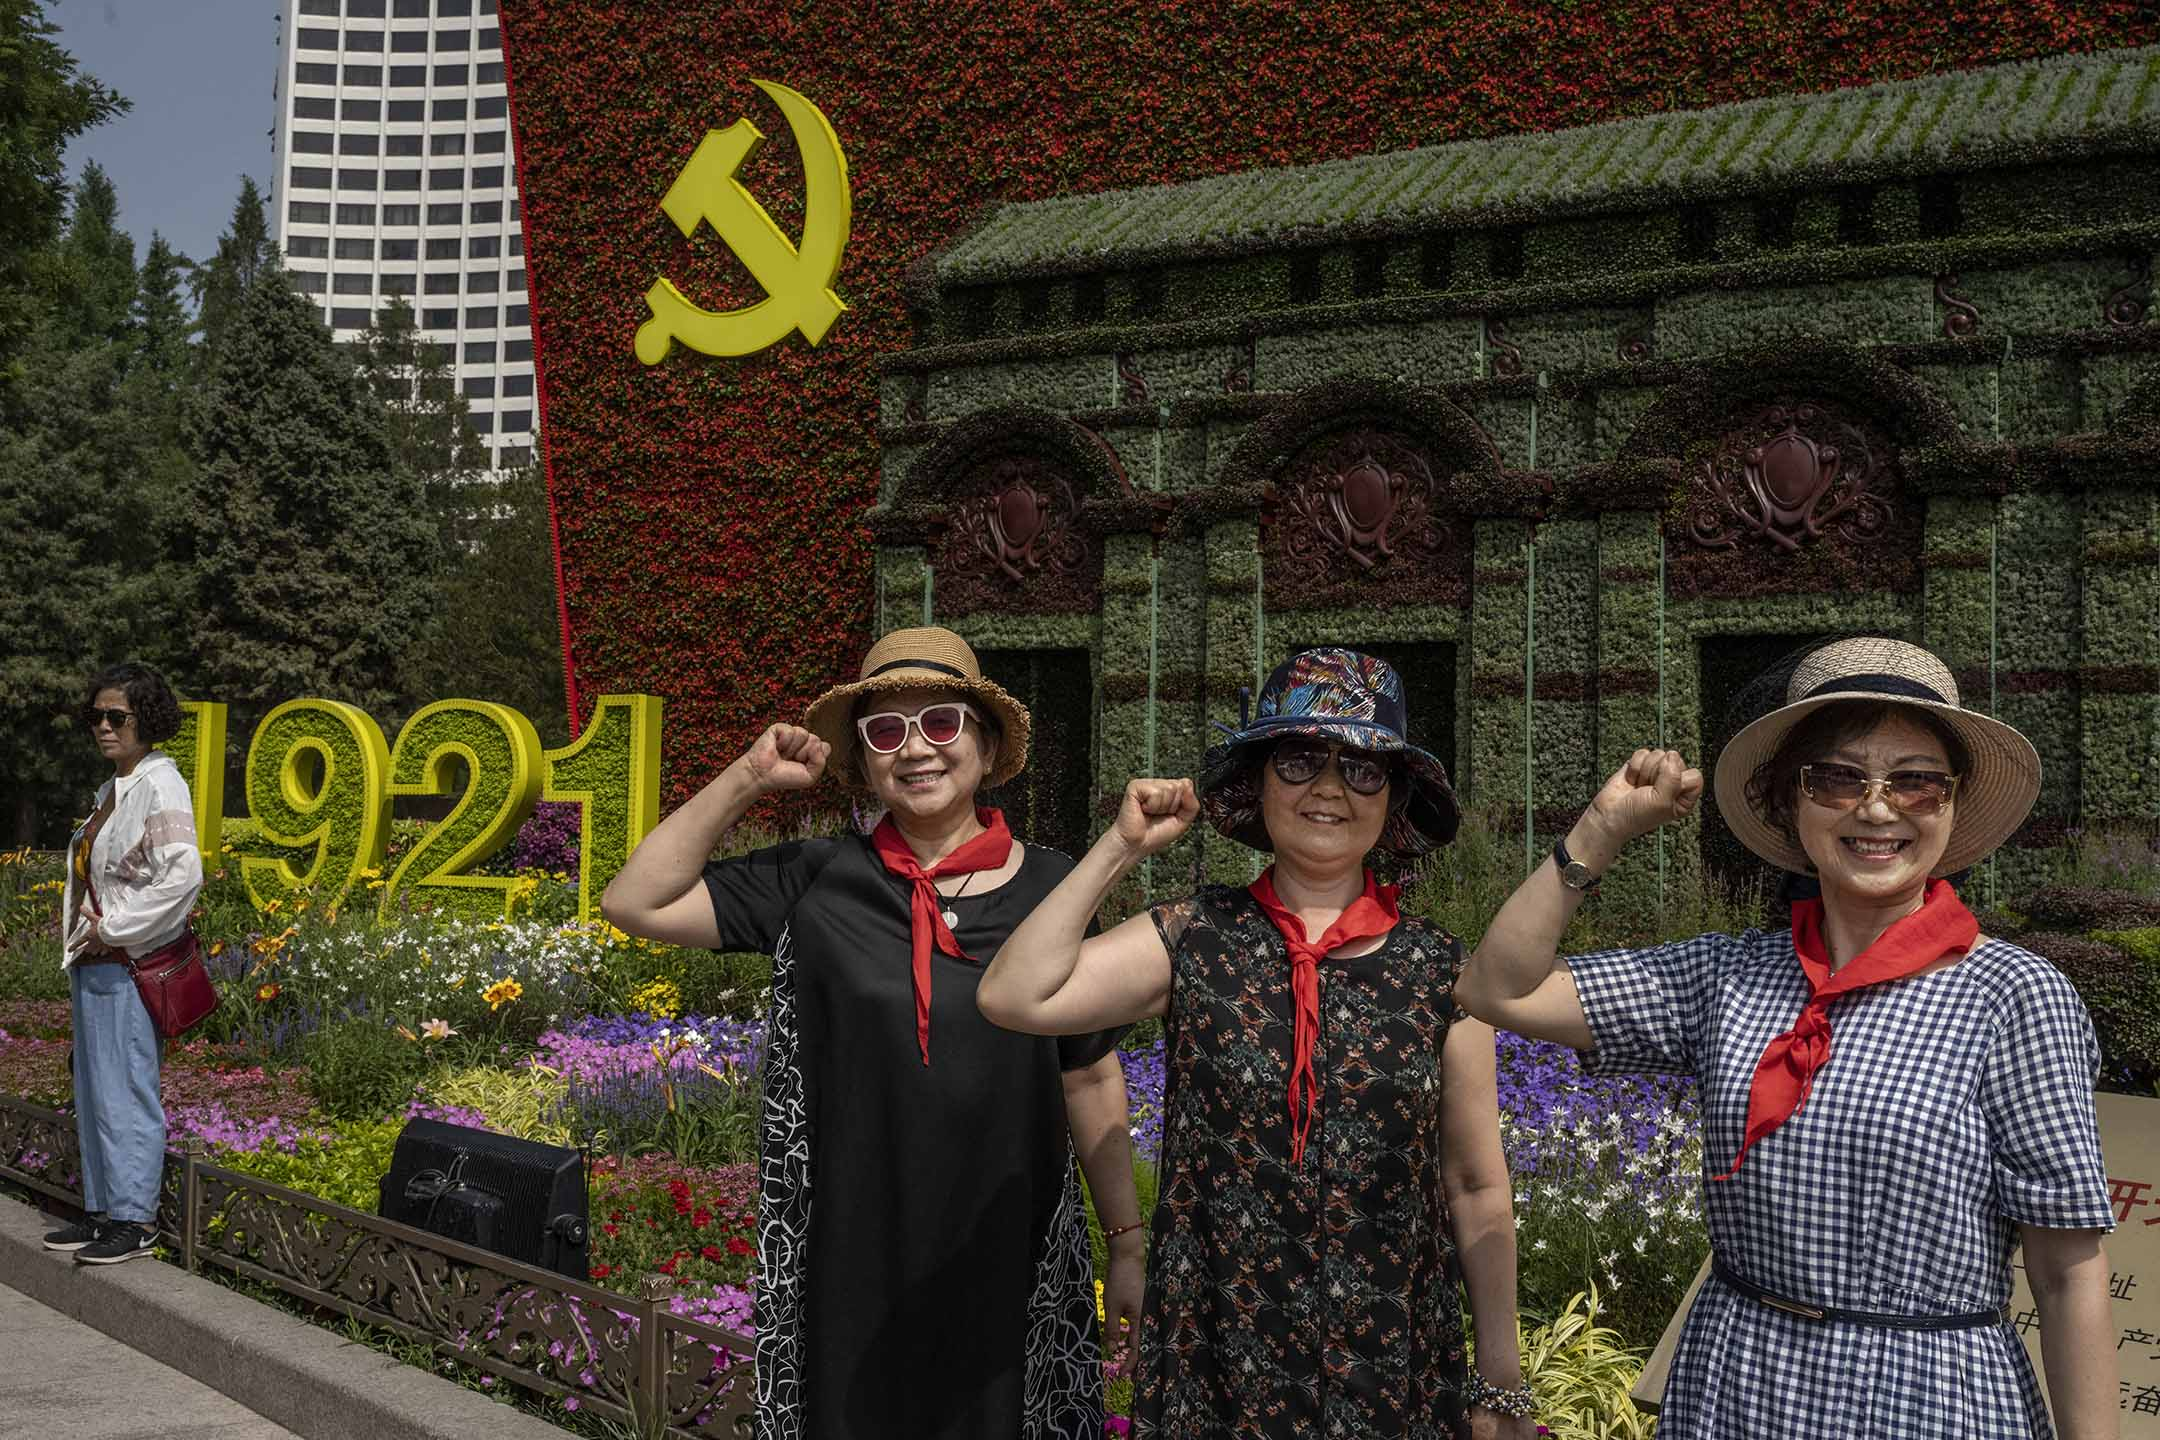 2021年6月27日中國北京,街道上設置的花展上,婦女們在中國共產黨的大型標誌前拍照。